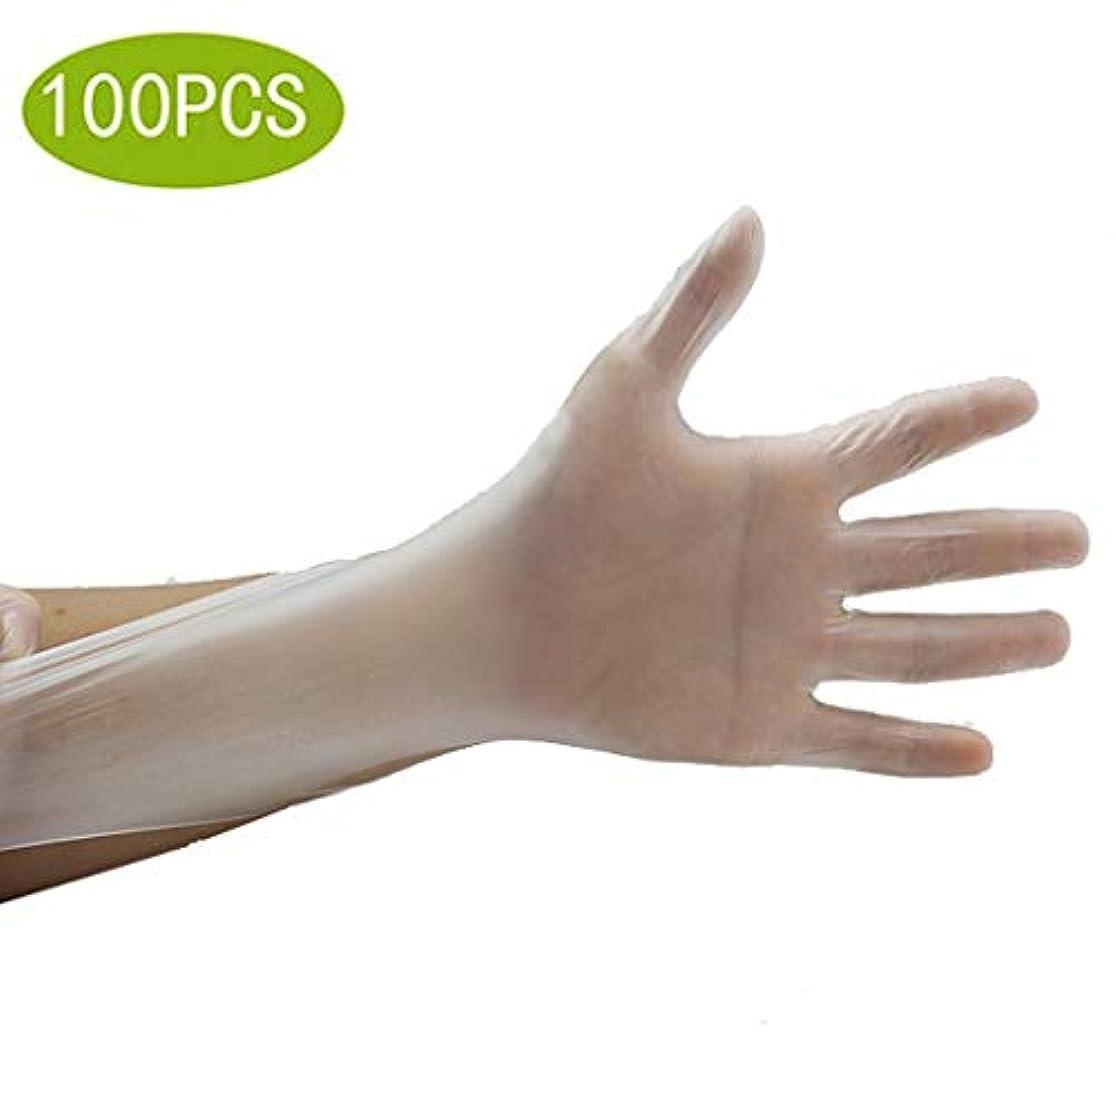 出来事書き出すインペリアル使い捨てビニール手袋、無菌、パウダーフリー、スムースタッチ、フードサービスグレード、ミディアムサイズ[100パック] (Color : White)